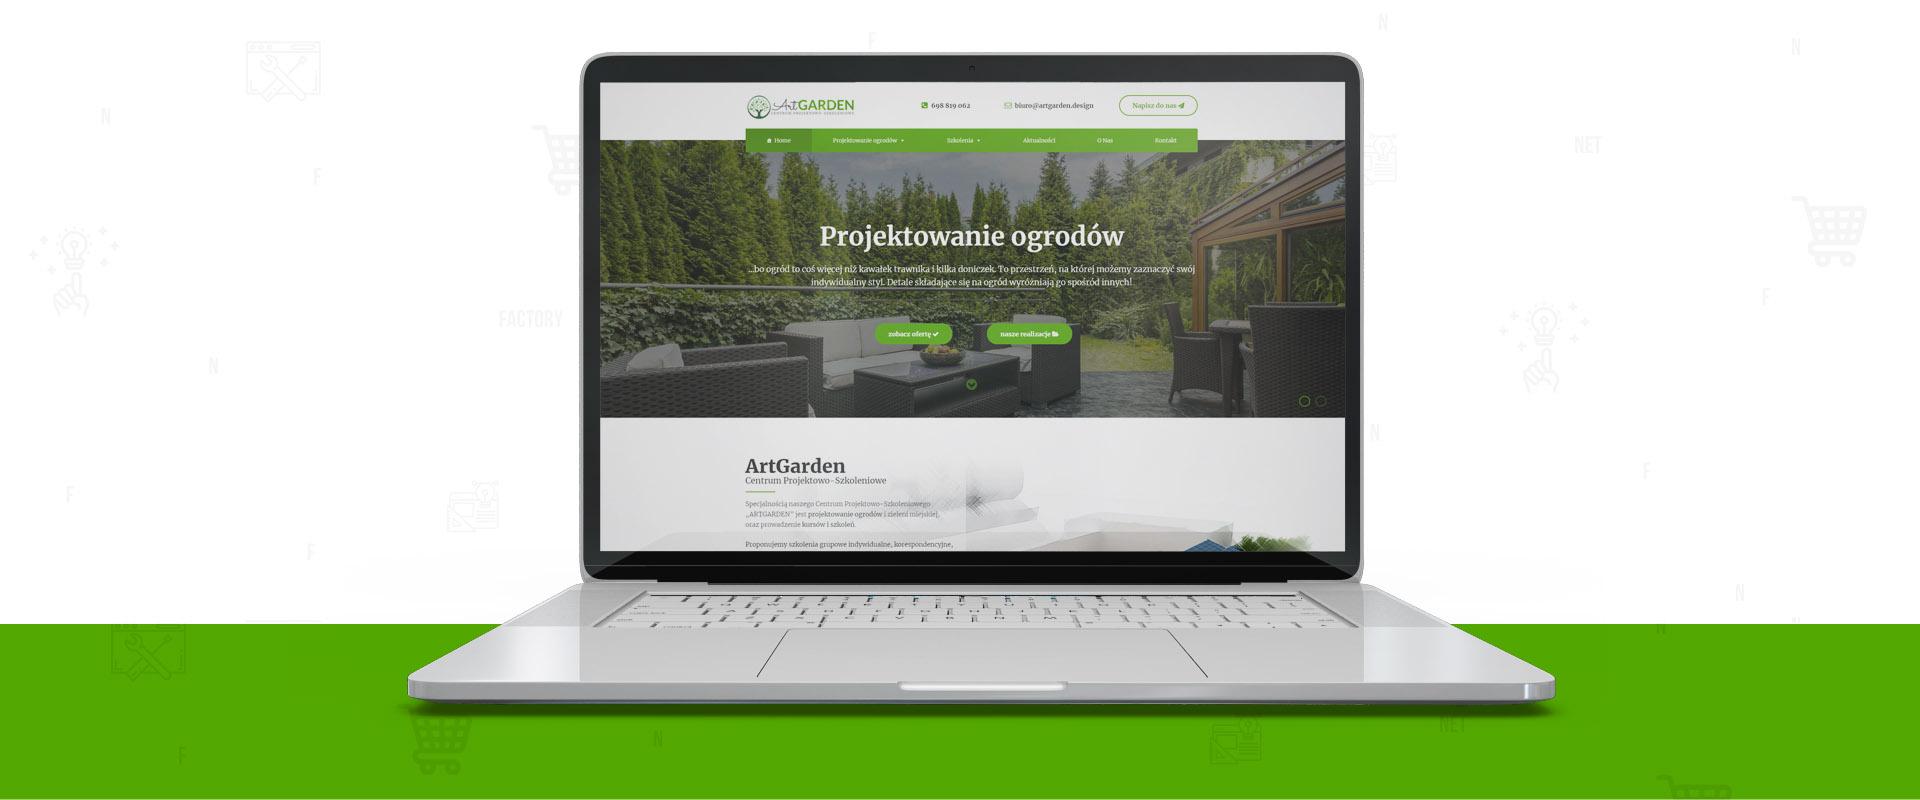 Responsywna strona dla ArtGarden – Centrum Projektowo-Szkoleniowego